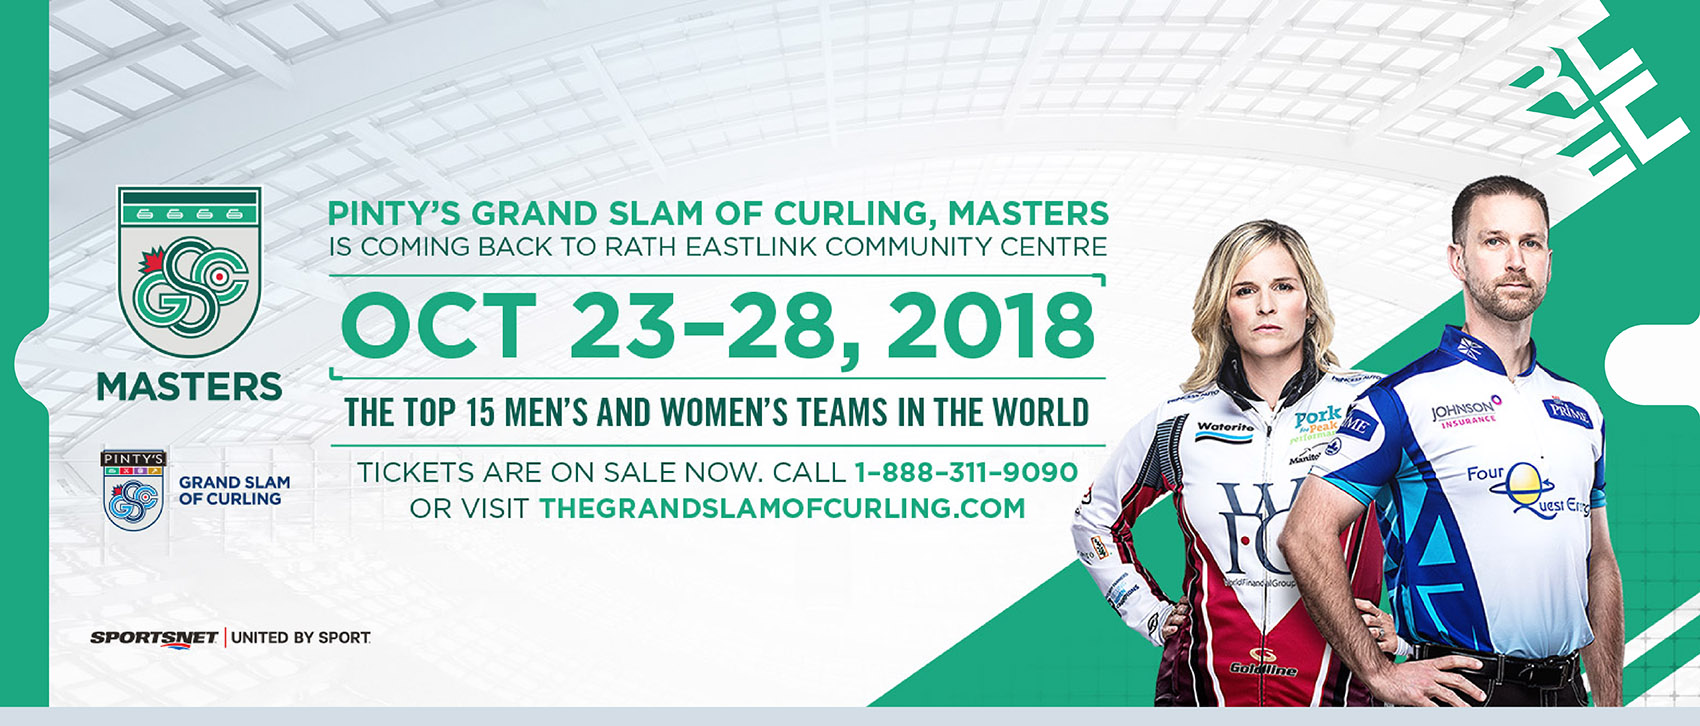 04-27-2018-GrandSlamCurling2018-Web-Slider